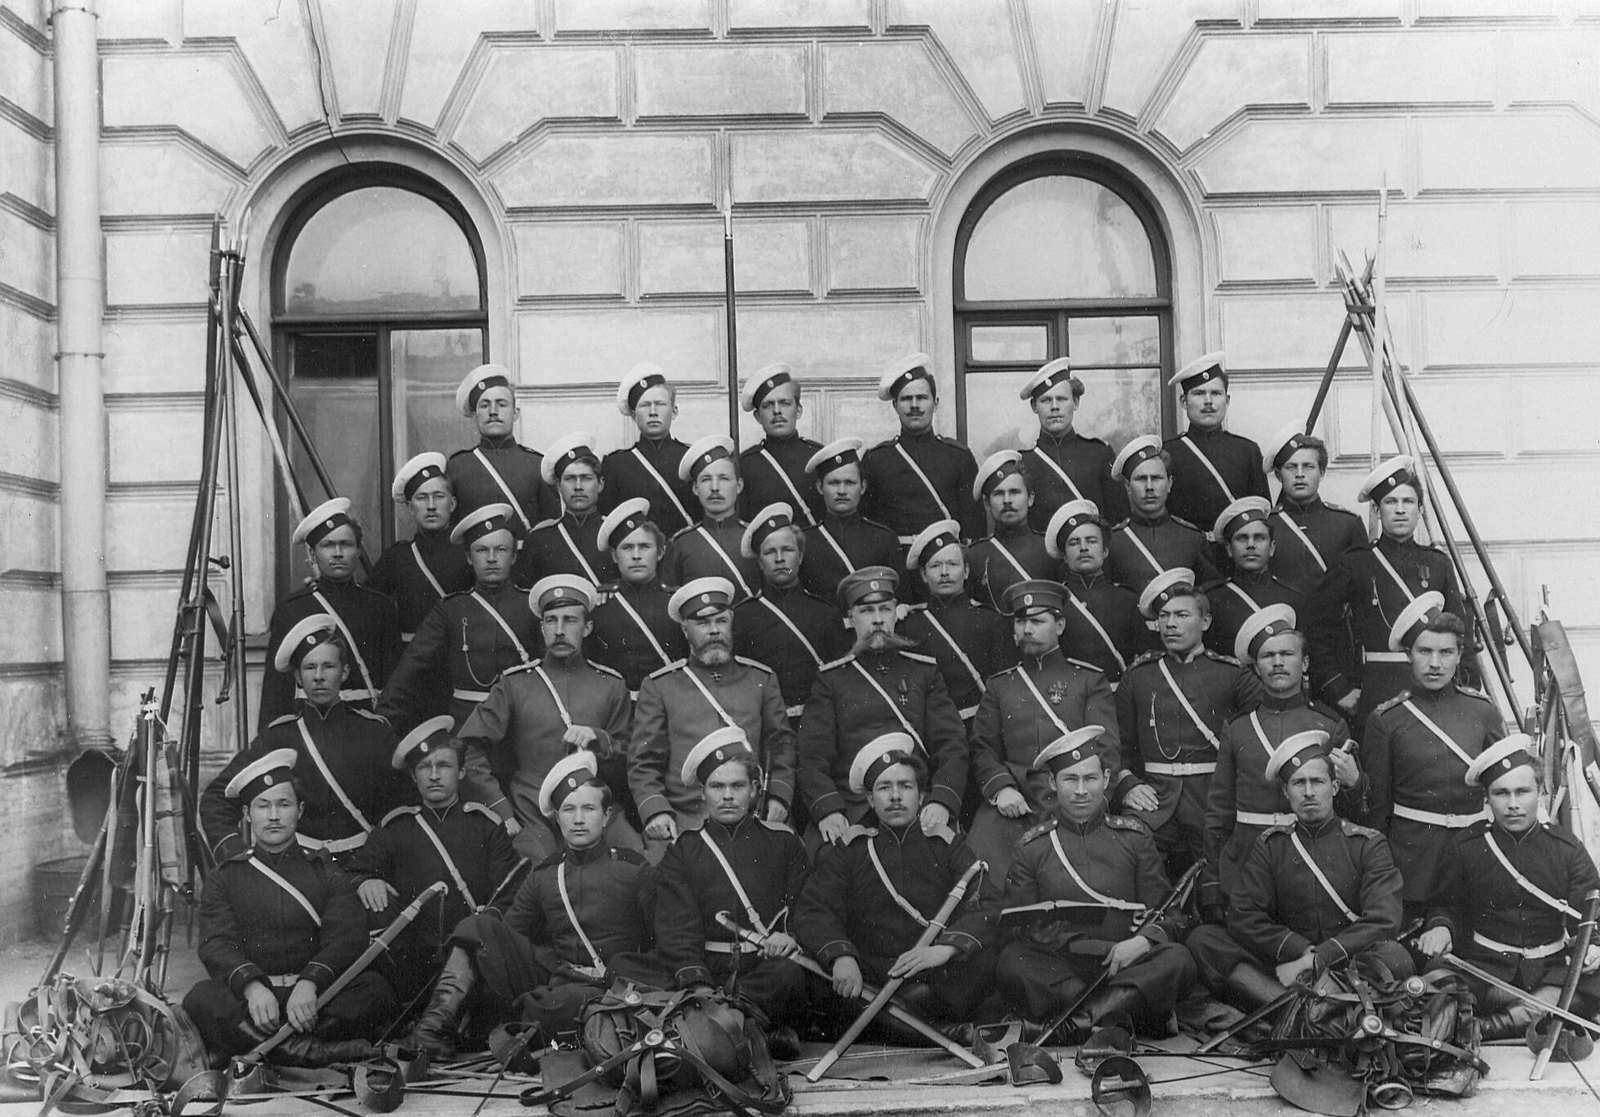 1907. Группа казаков и офицеров лейб-гвардии Сводно-Казачьего полка